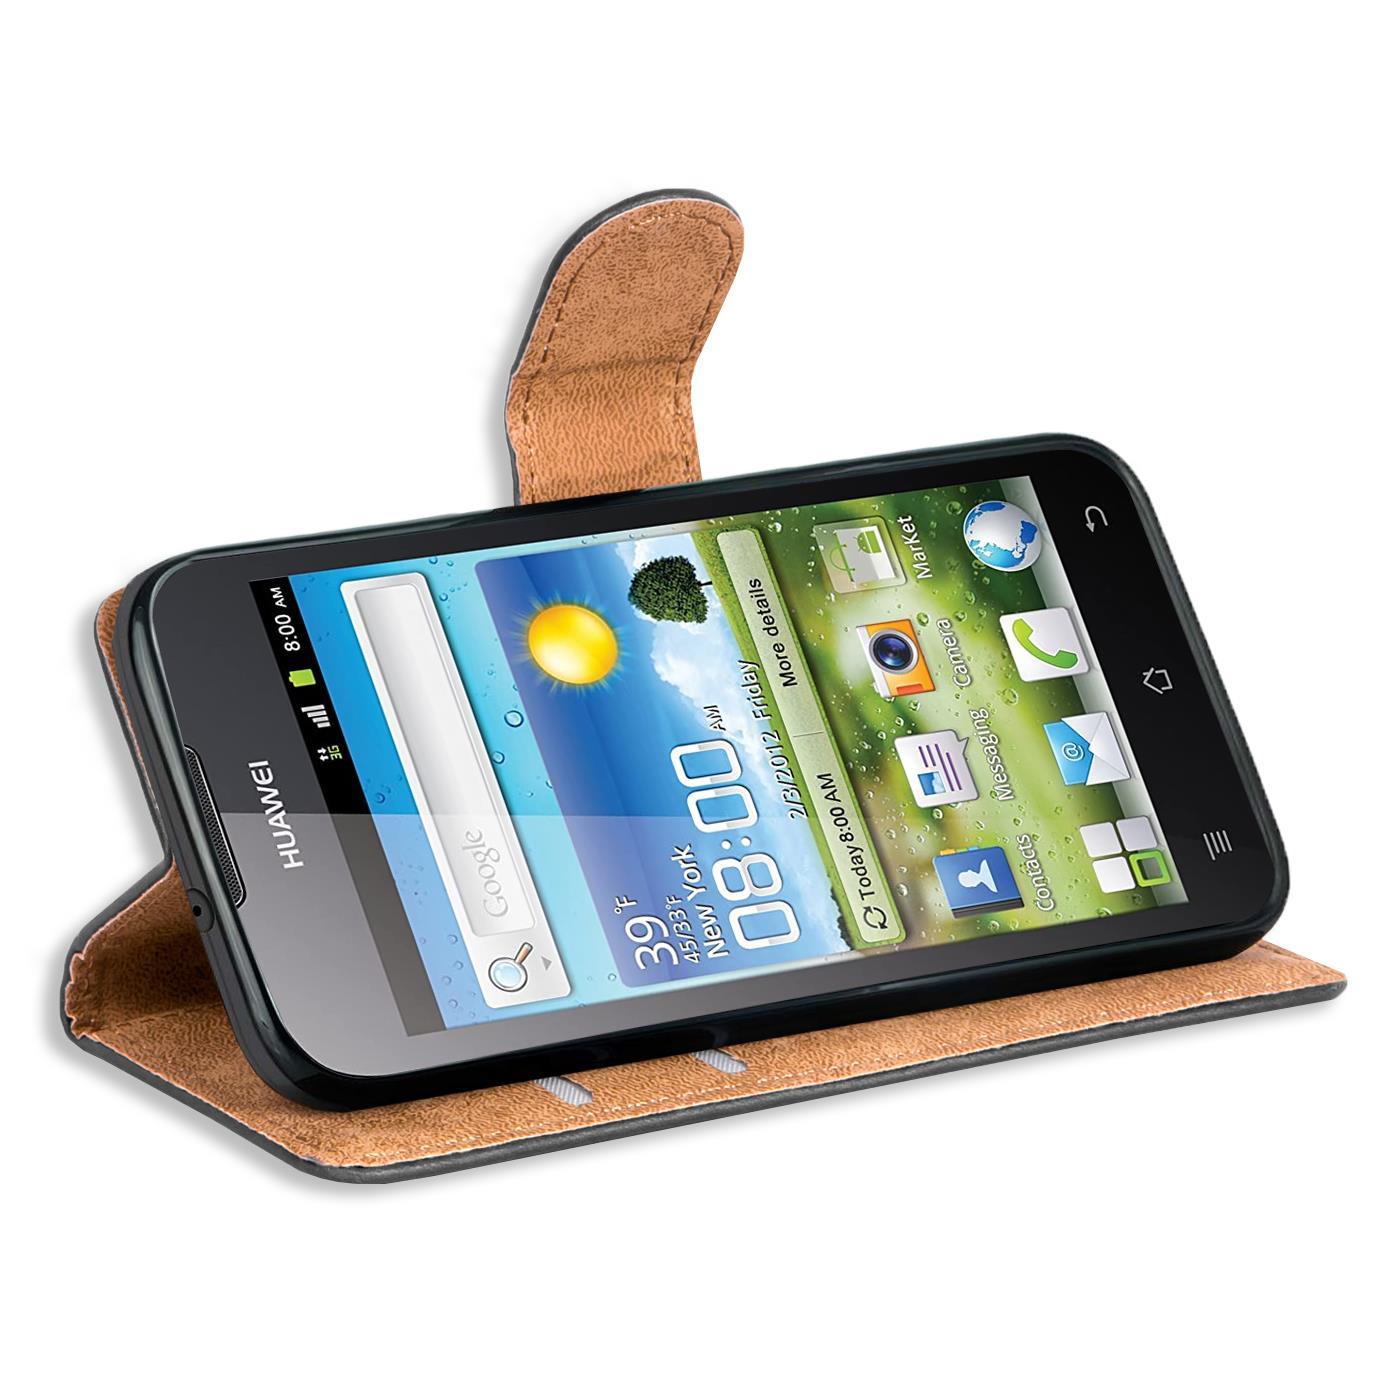 Book-Case-fuer-Huawei-G300-Huelle-Flip-Cover-Handy-Tasche-Schutz-Huelle-Schale Indexbild 10